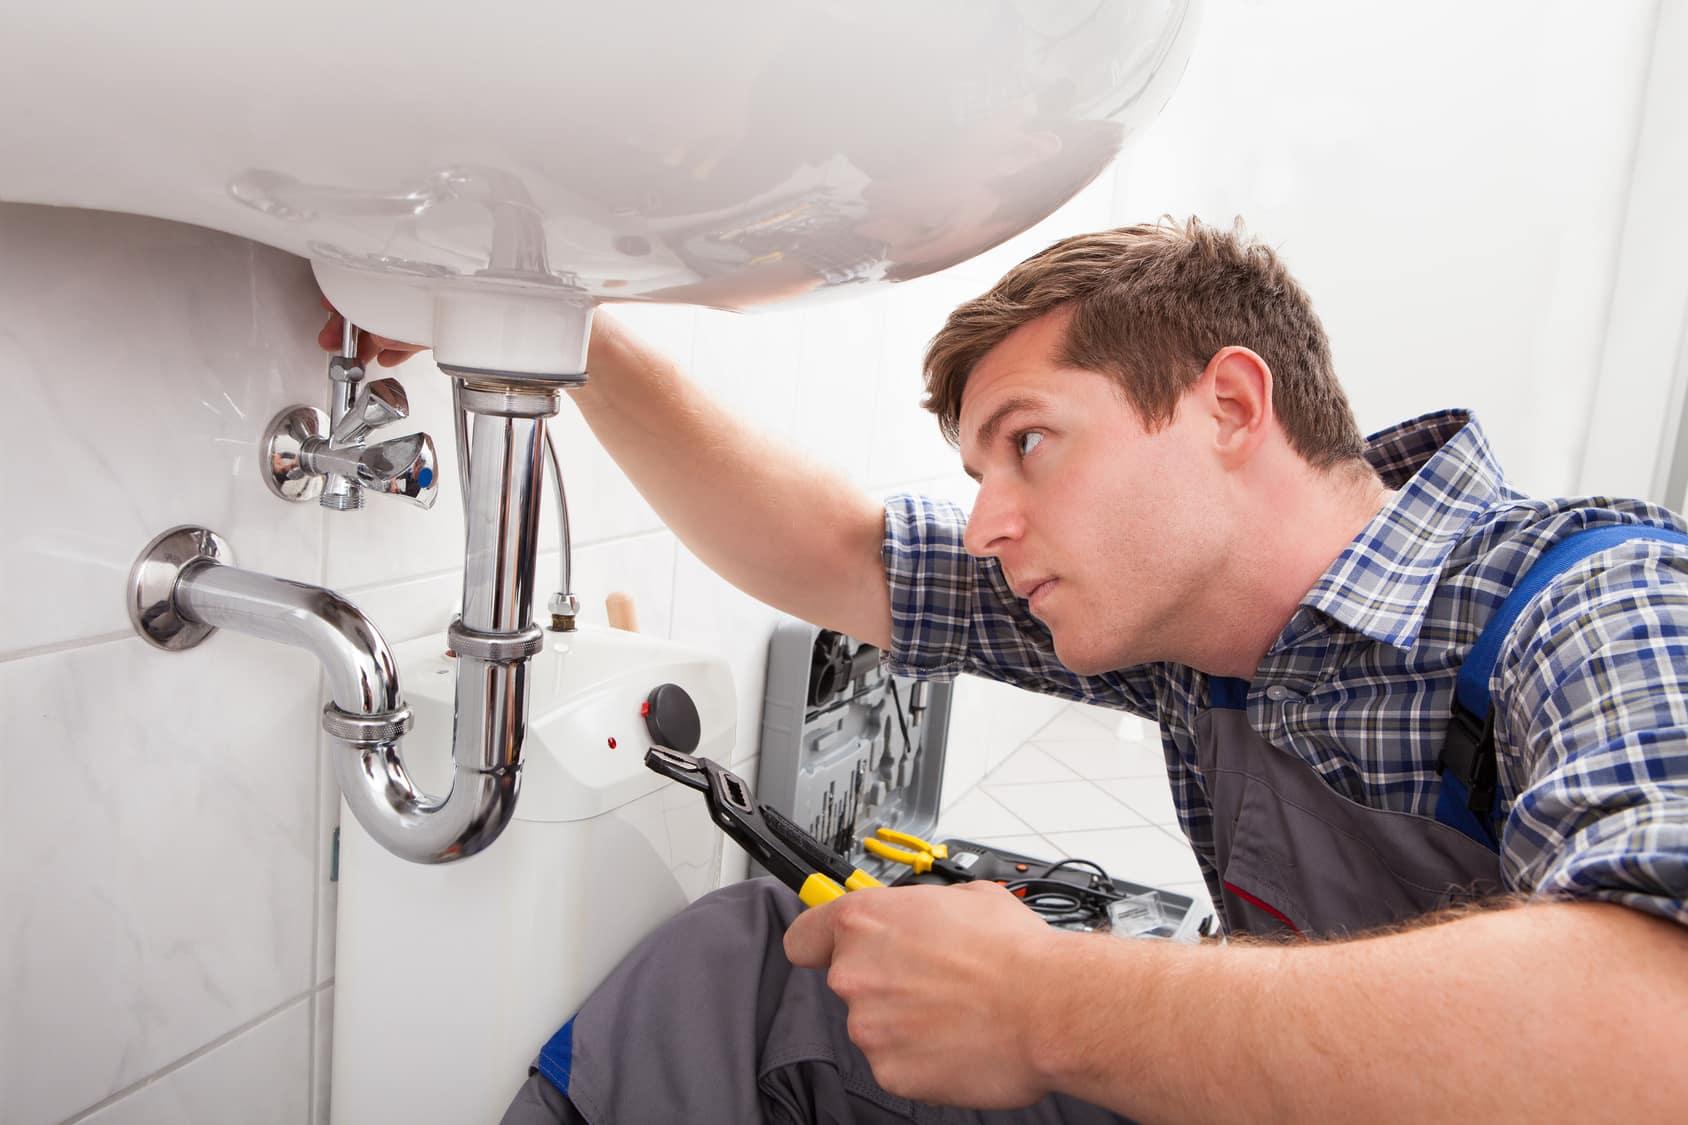 Installer un lavabo dans une salle de bain : toutes les étapes